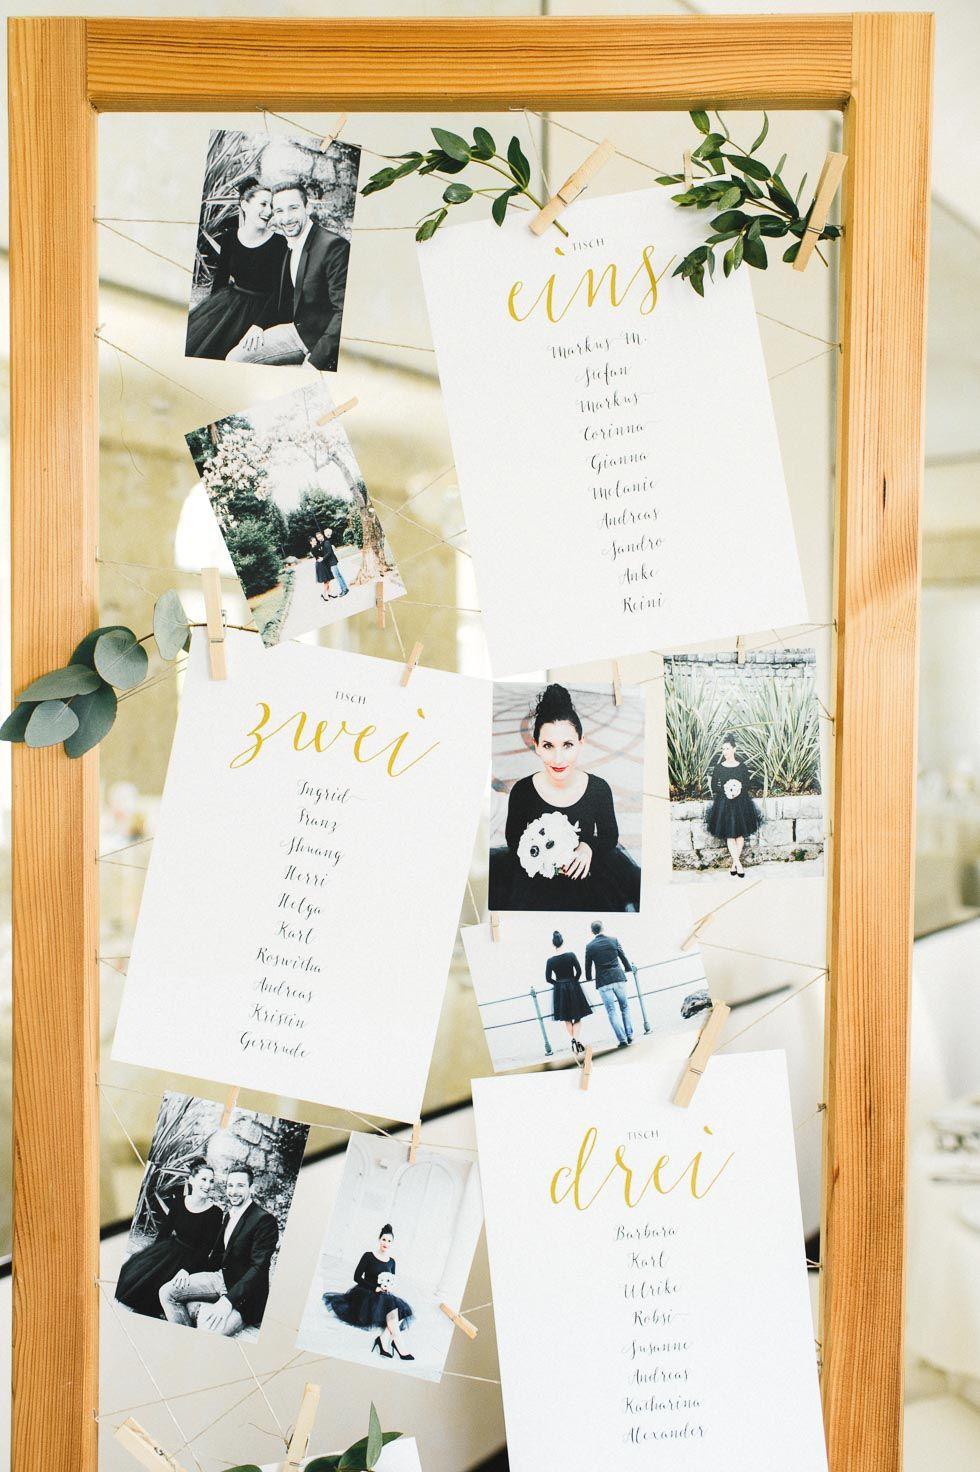 Sitzplan Hochzeit Ideen: 10 kreative Beispiele & Inspirationen ...